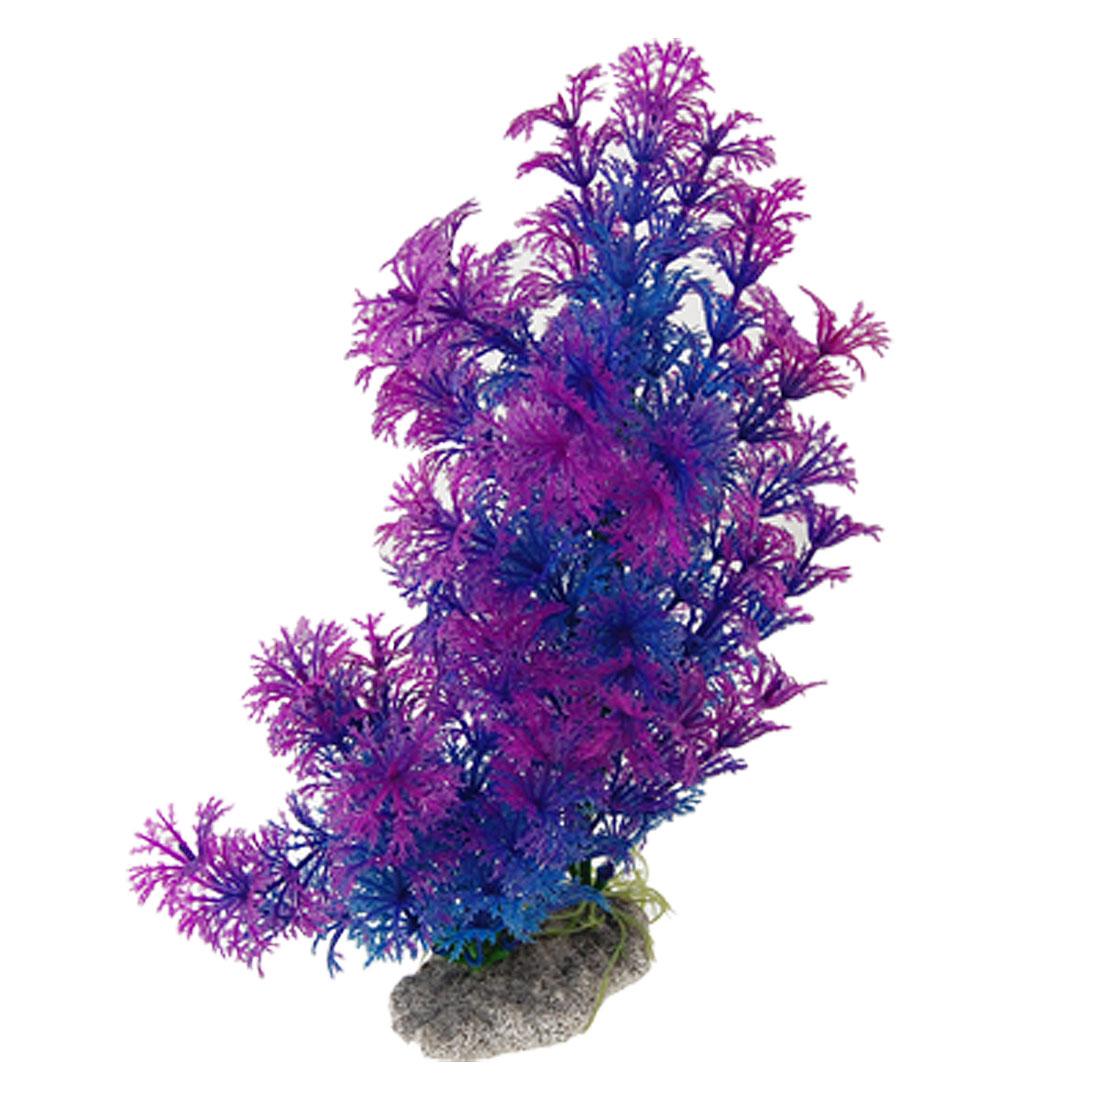 Aquarium Ornament Ceramic Base Plastic Plant Blue Purple